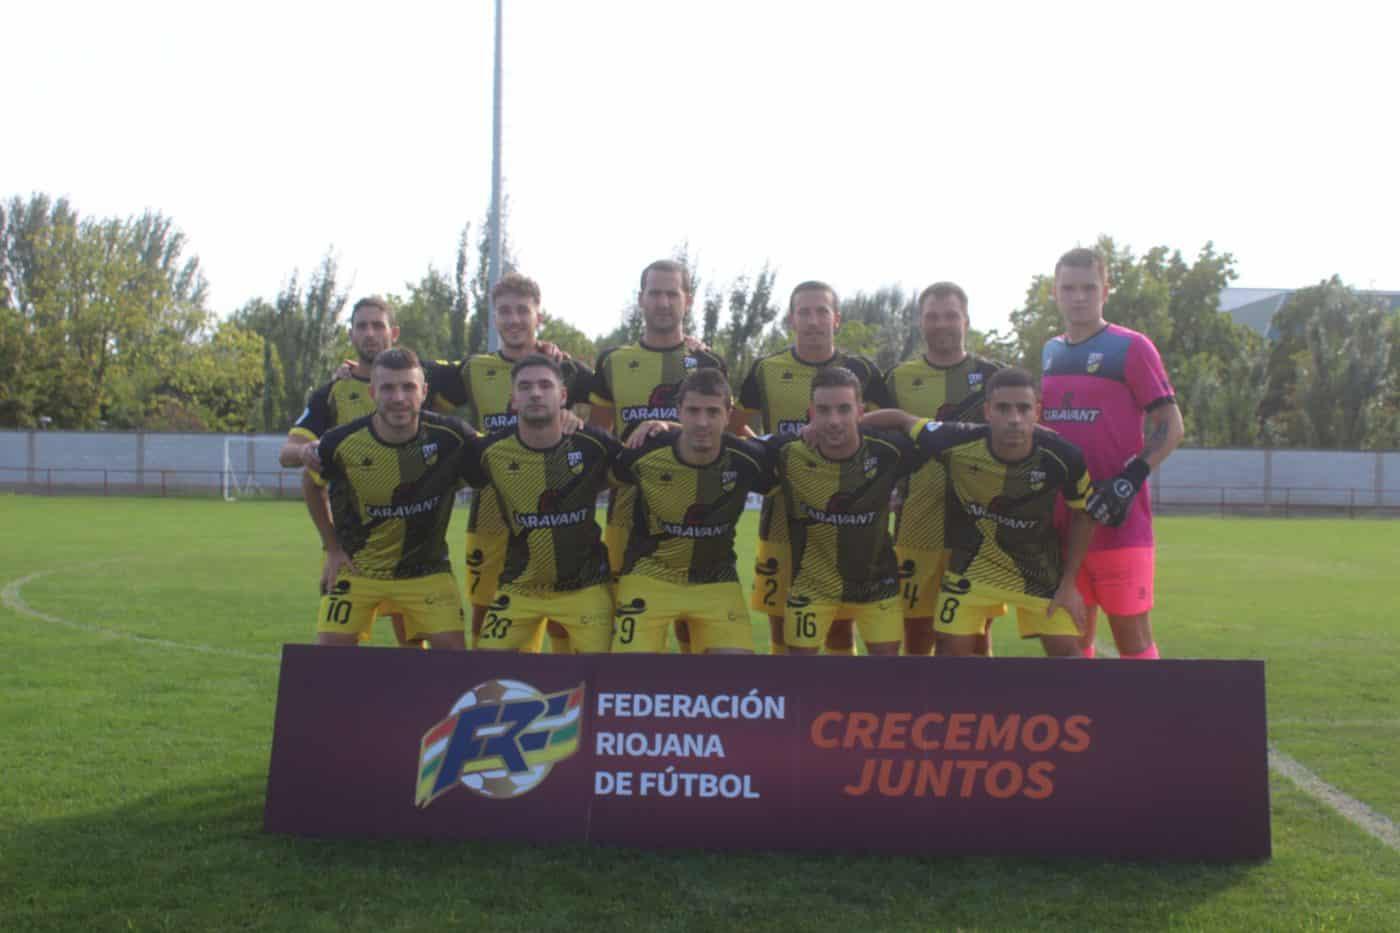 El Alfaro alza el trofeo regional de la Copa RFEF ante el Casalarreina 5